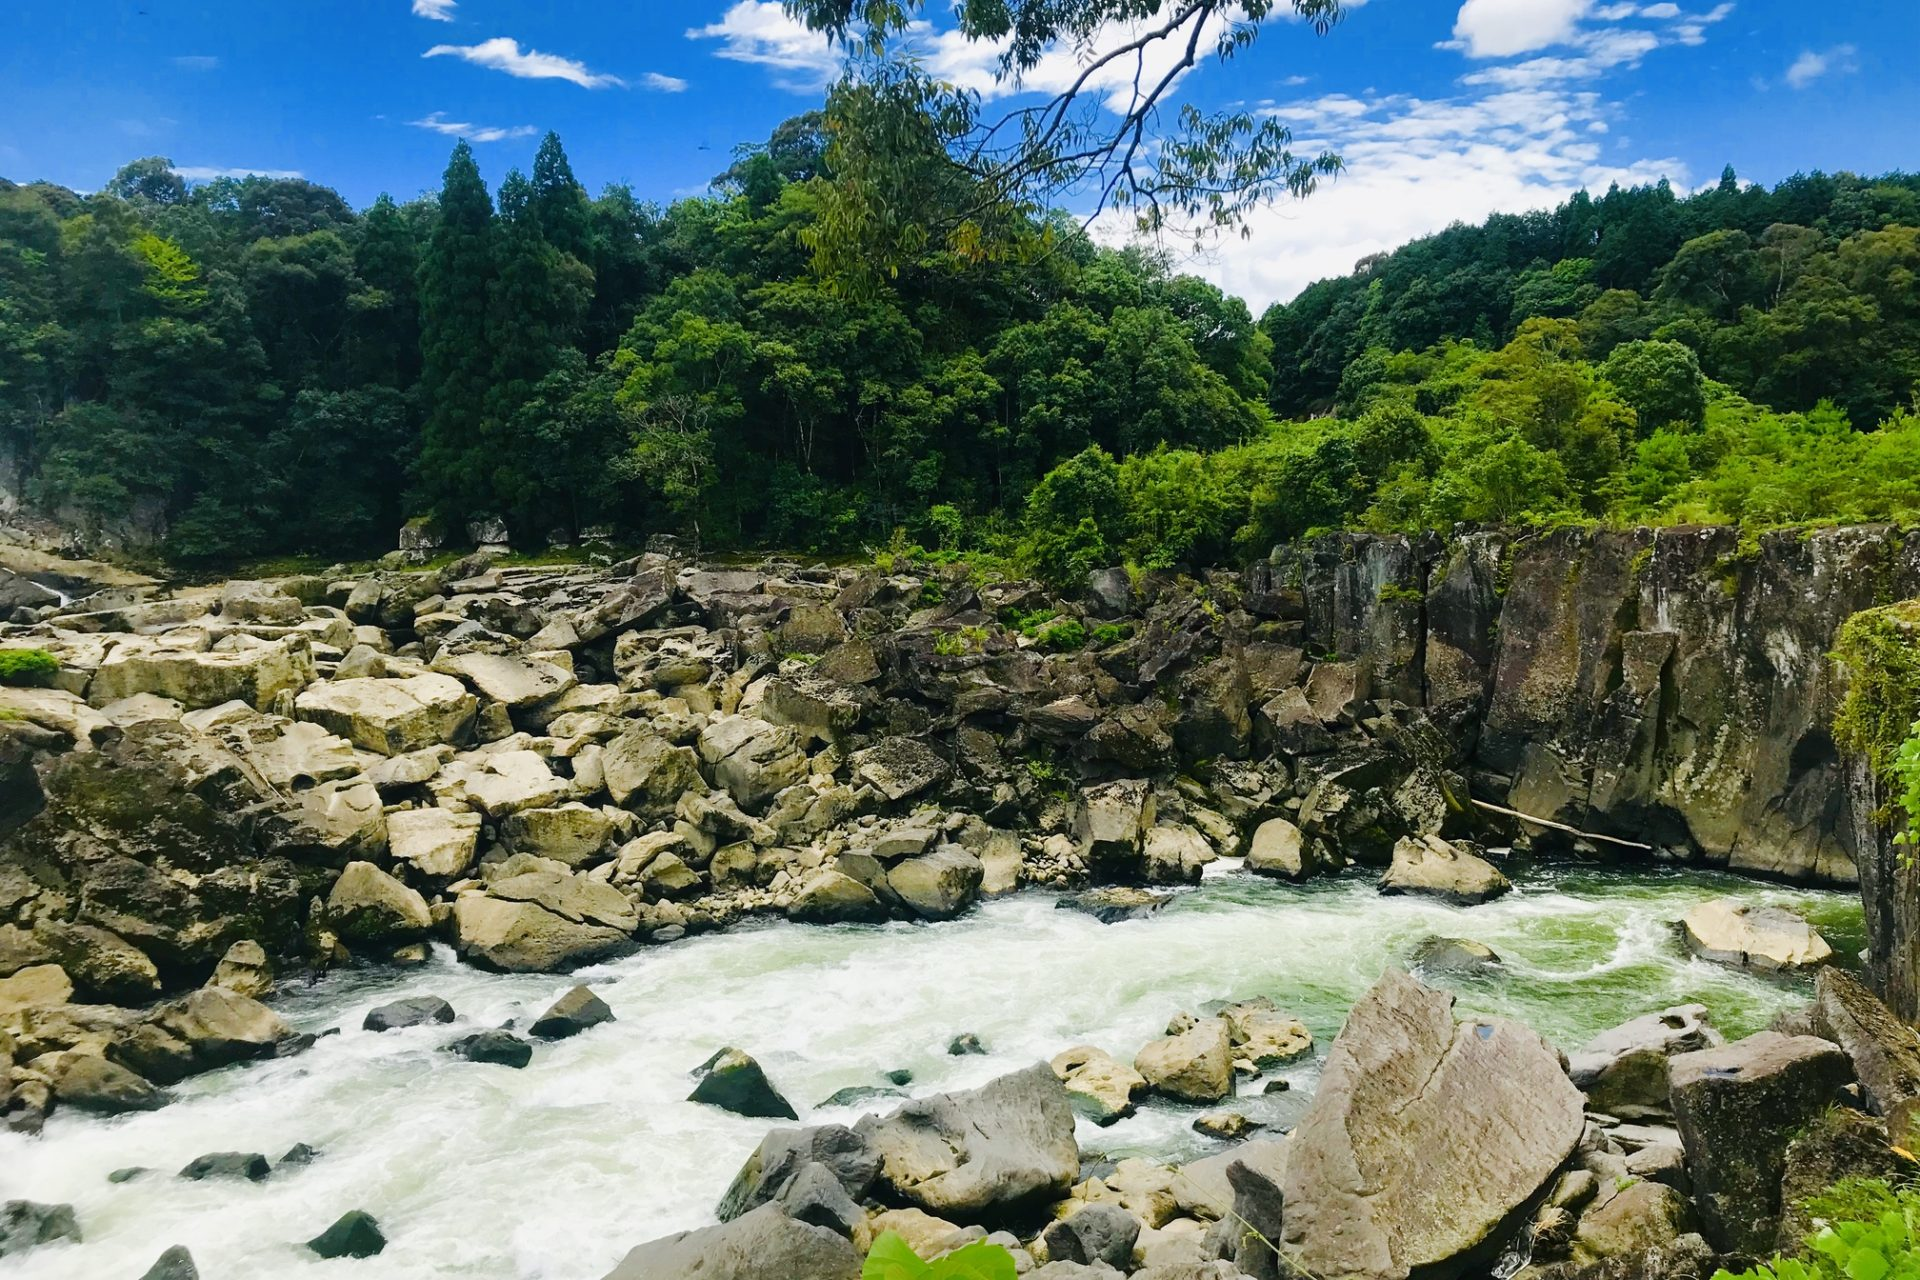 東洋のナイアガラ 曽木の滝 伊佐市 川内川 曽木の滝公園